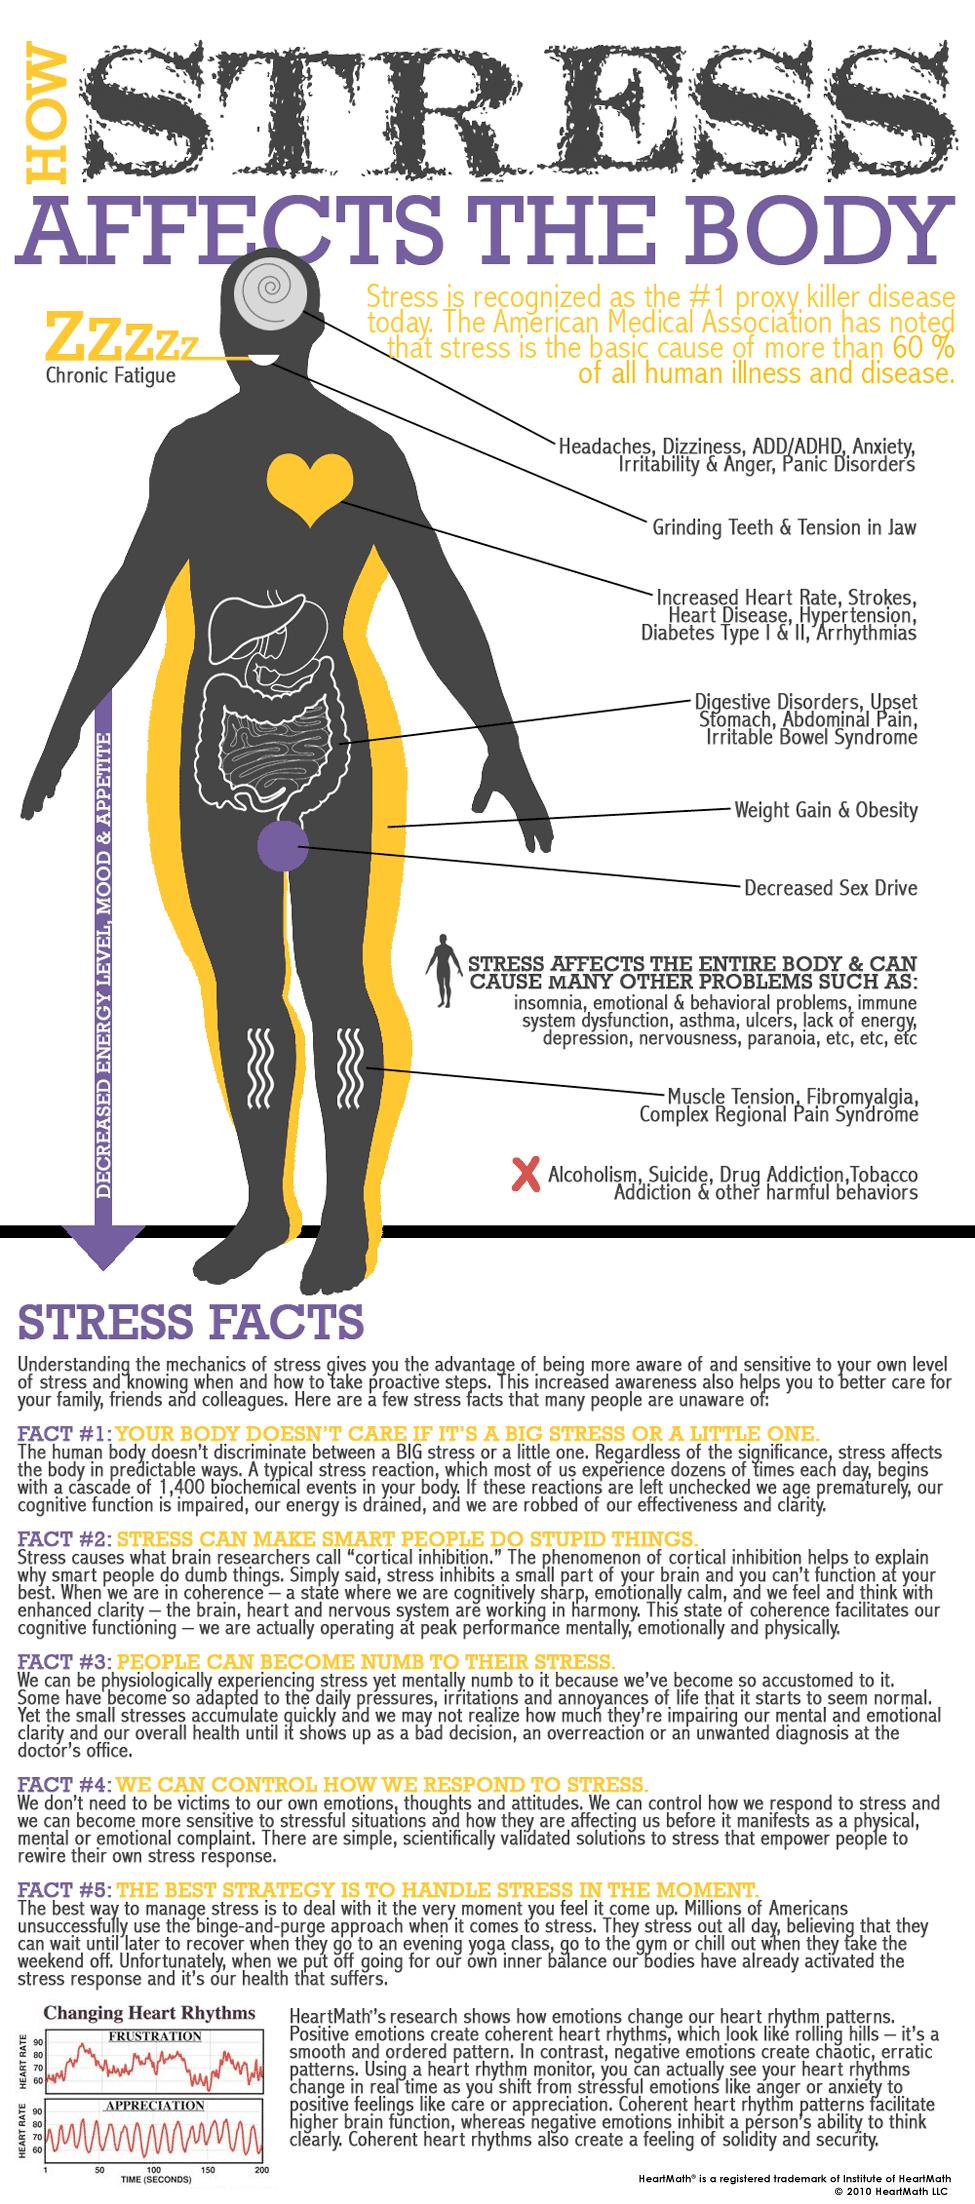 como el estrés afecta al cuerpo